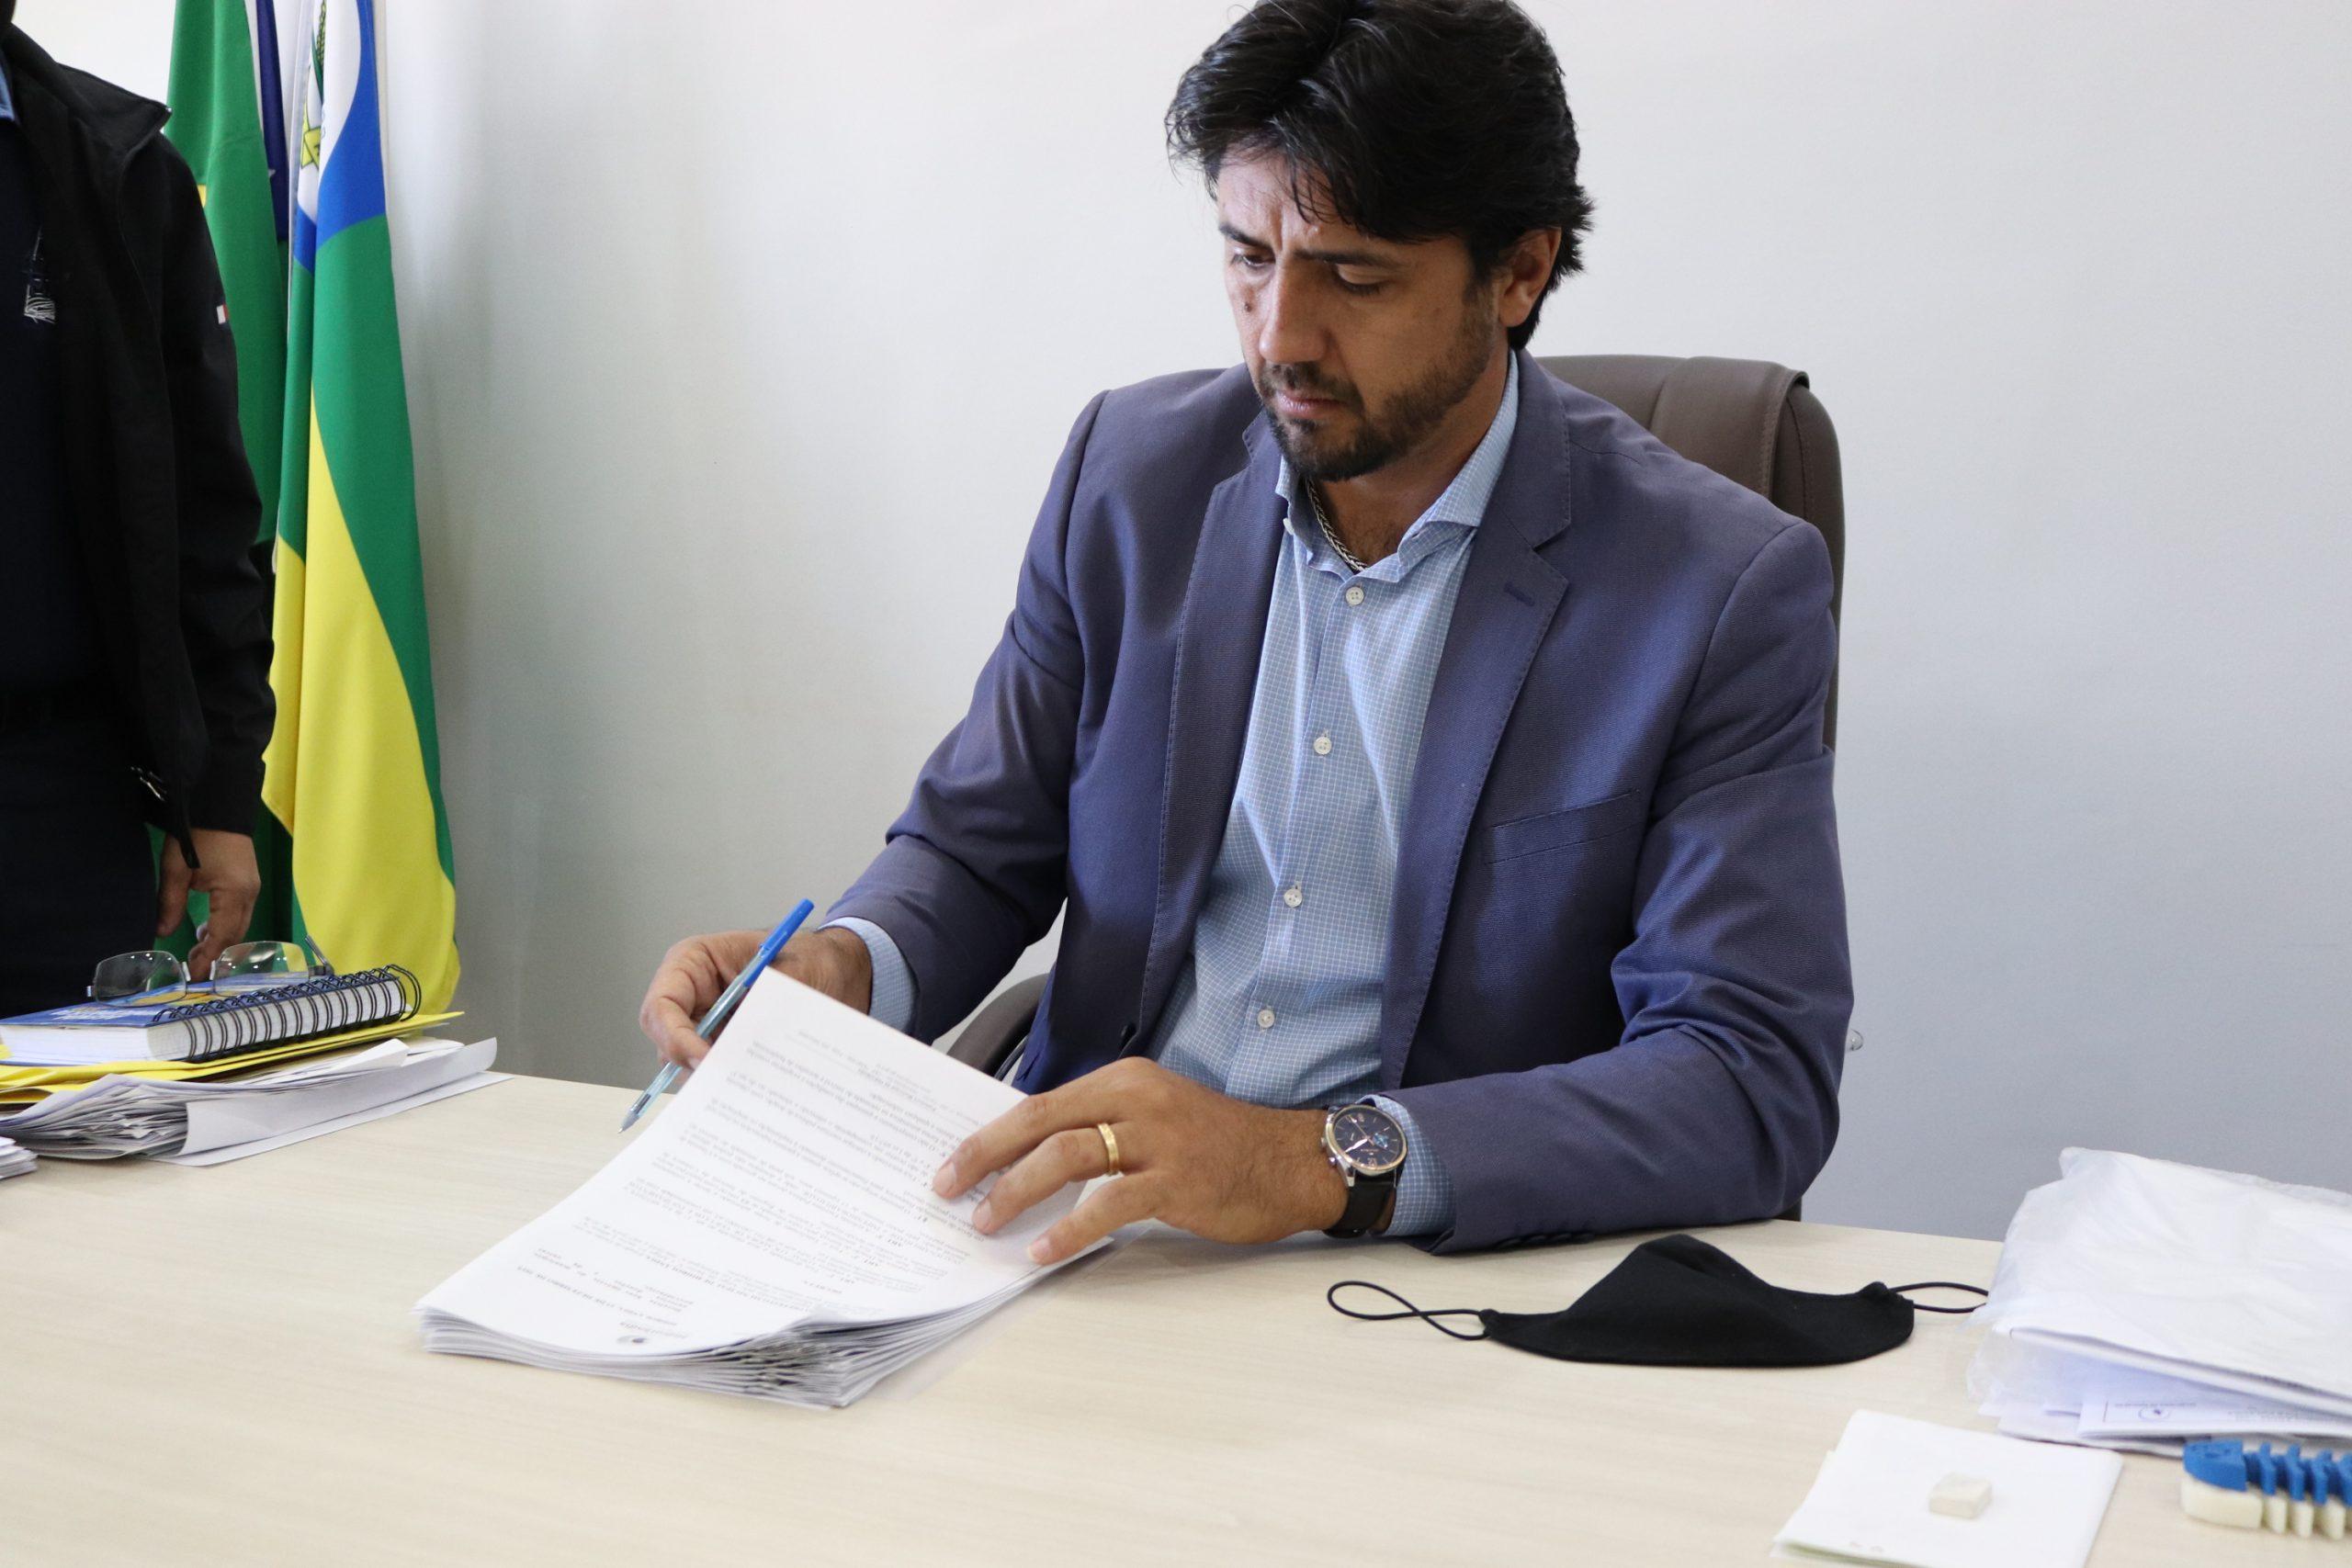 AGM terá novas eleições para sua diretoria em breve